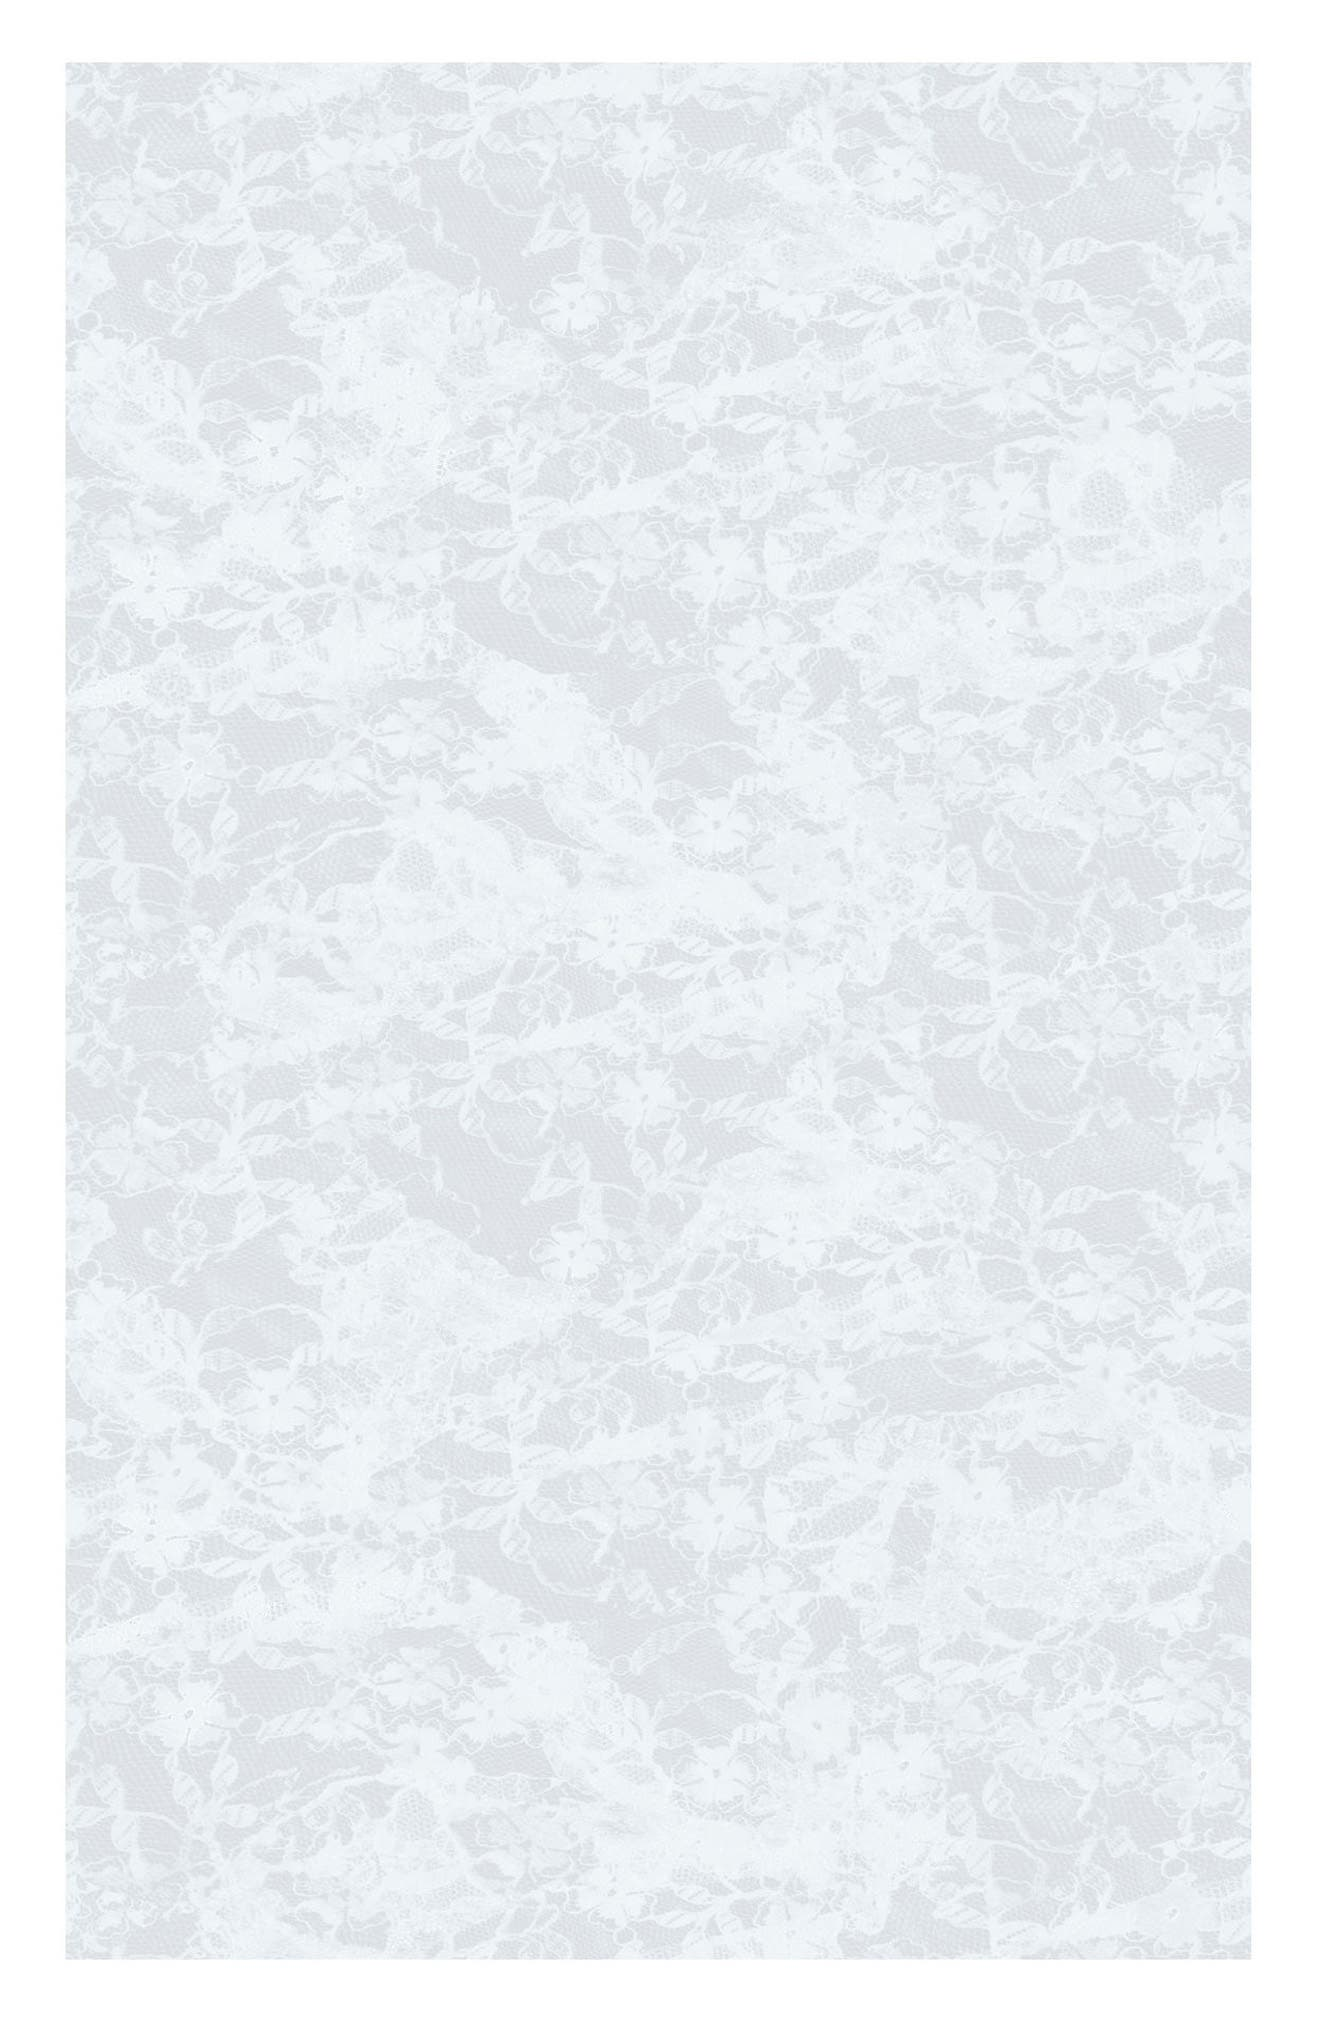 Lace  Peel & Stick Vinyl Window Cling,                         Main,                         color, Transparent